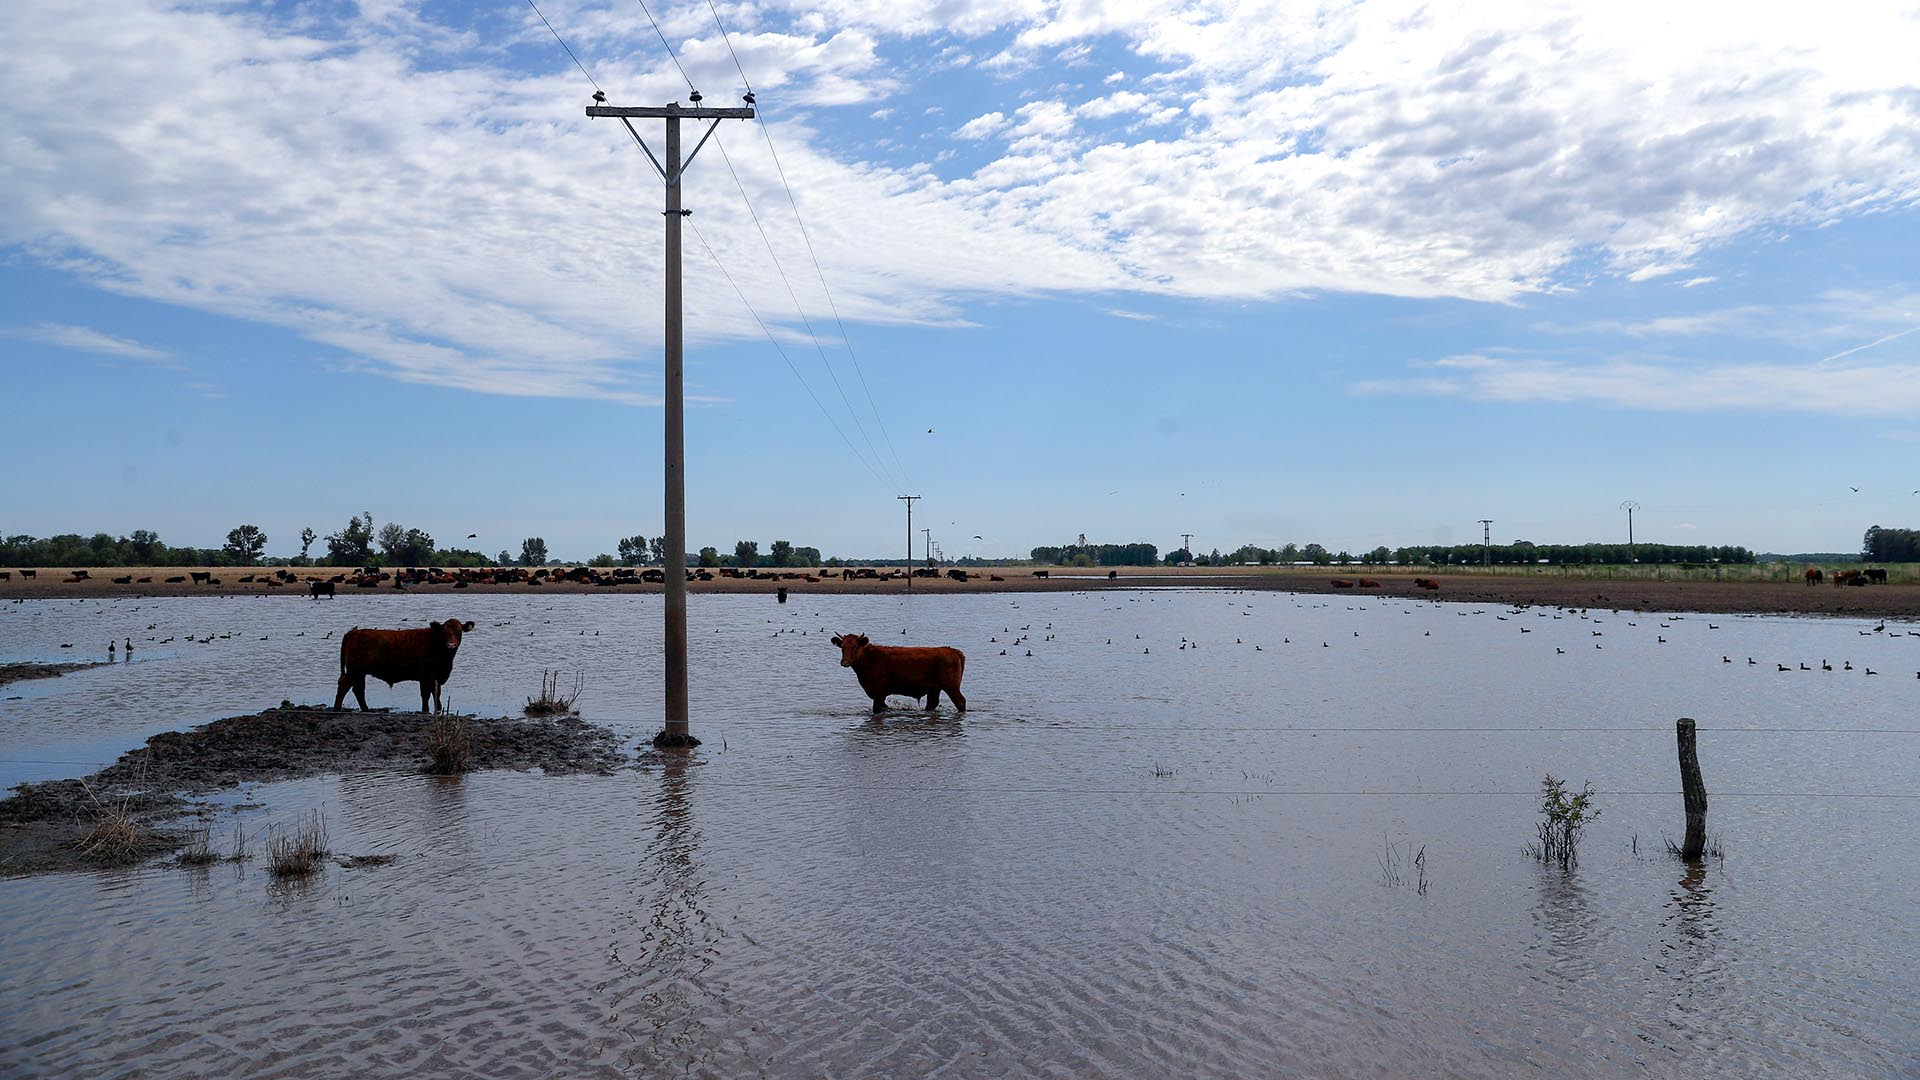 En enero, 1.700.000 hectáreas se vieron afectadas por las inundaciones en Santa Fe (REUTERS/Marcos Brindicci)